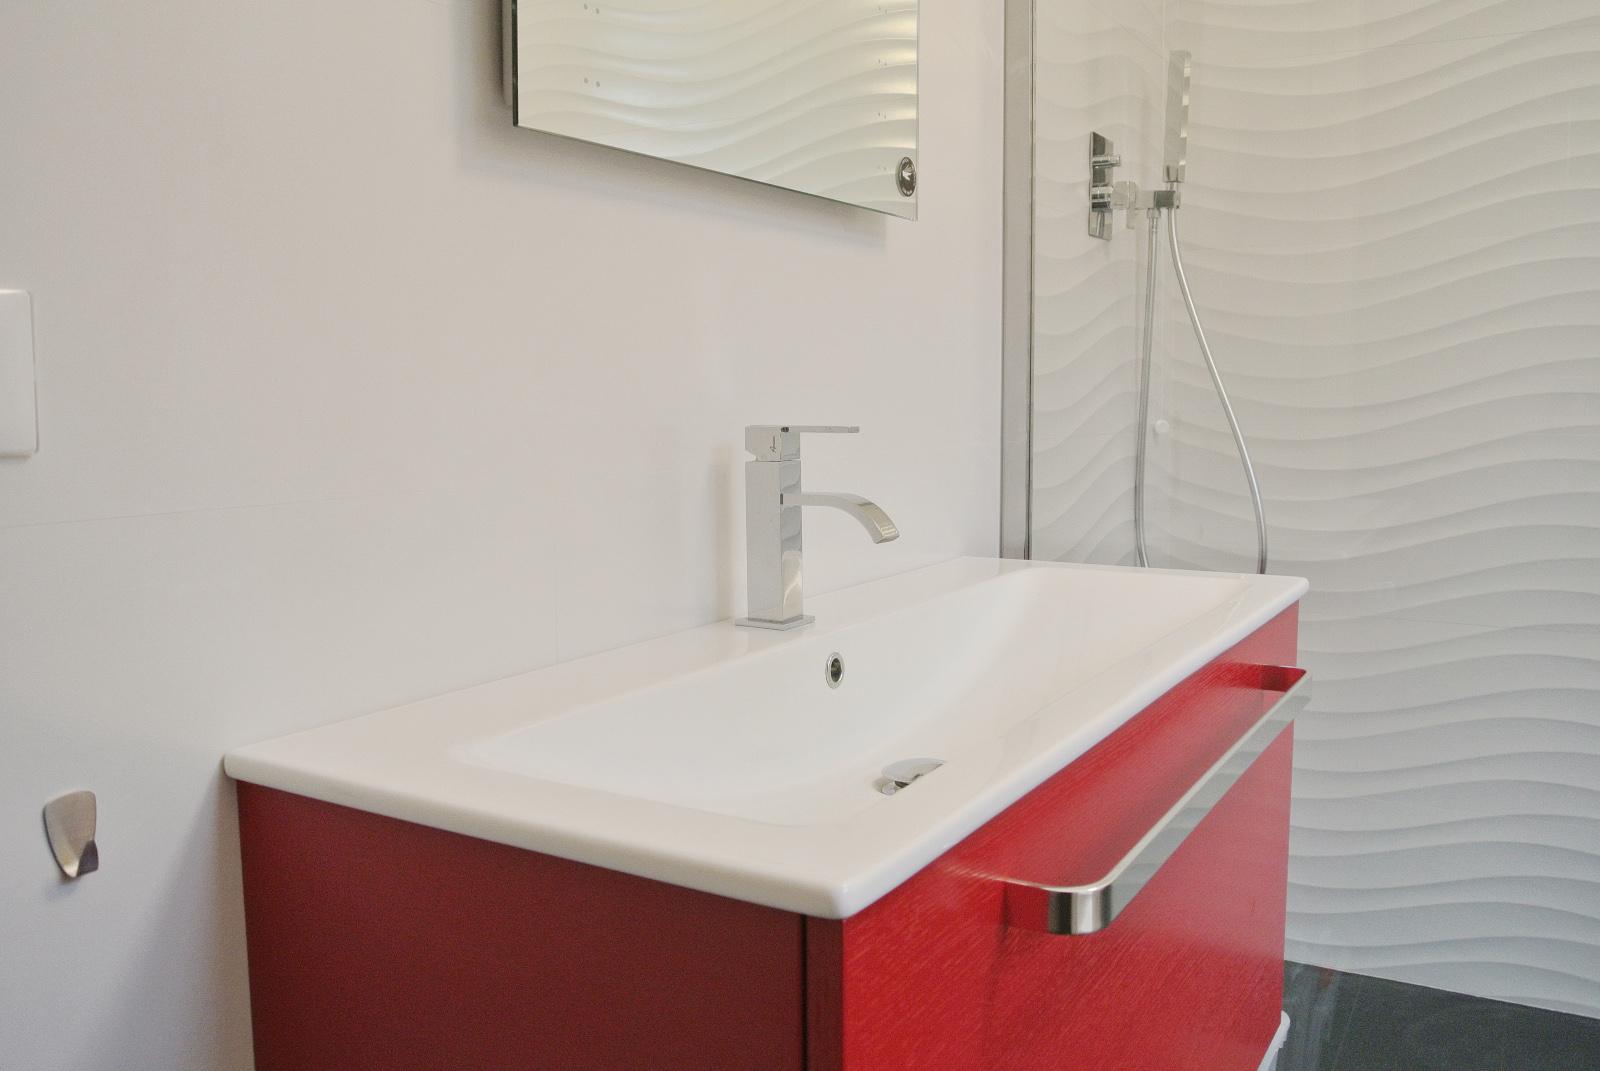 sintesibagno-verbania-canton-ticino-sviezzera-arredobagno-mobile-bagno-rubinetteria-parete-in-cristallo-piatto-doccia-filo-pavimento